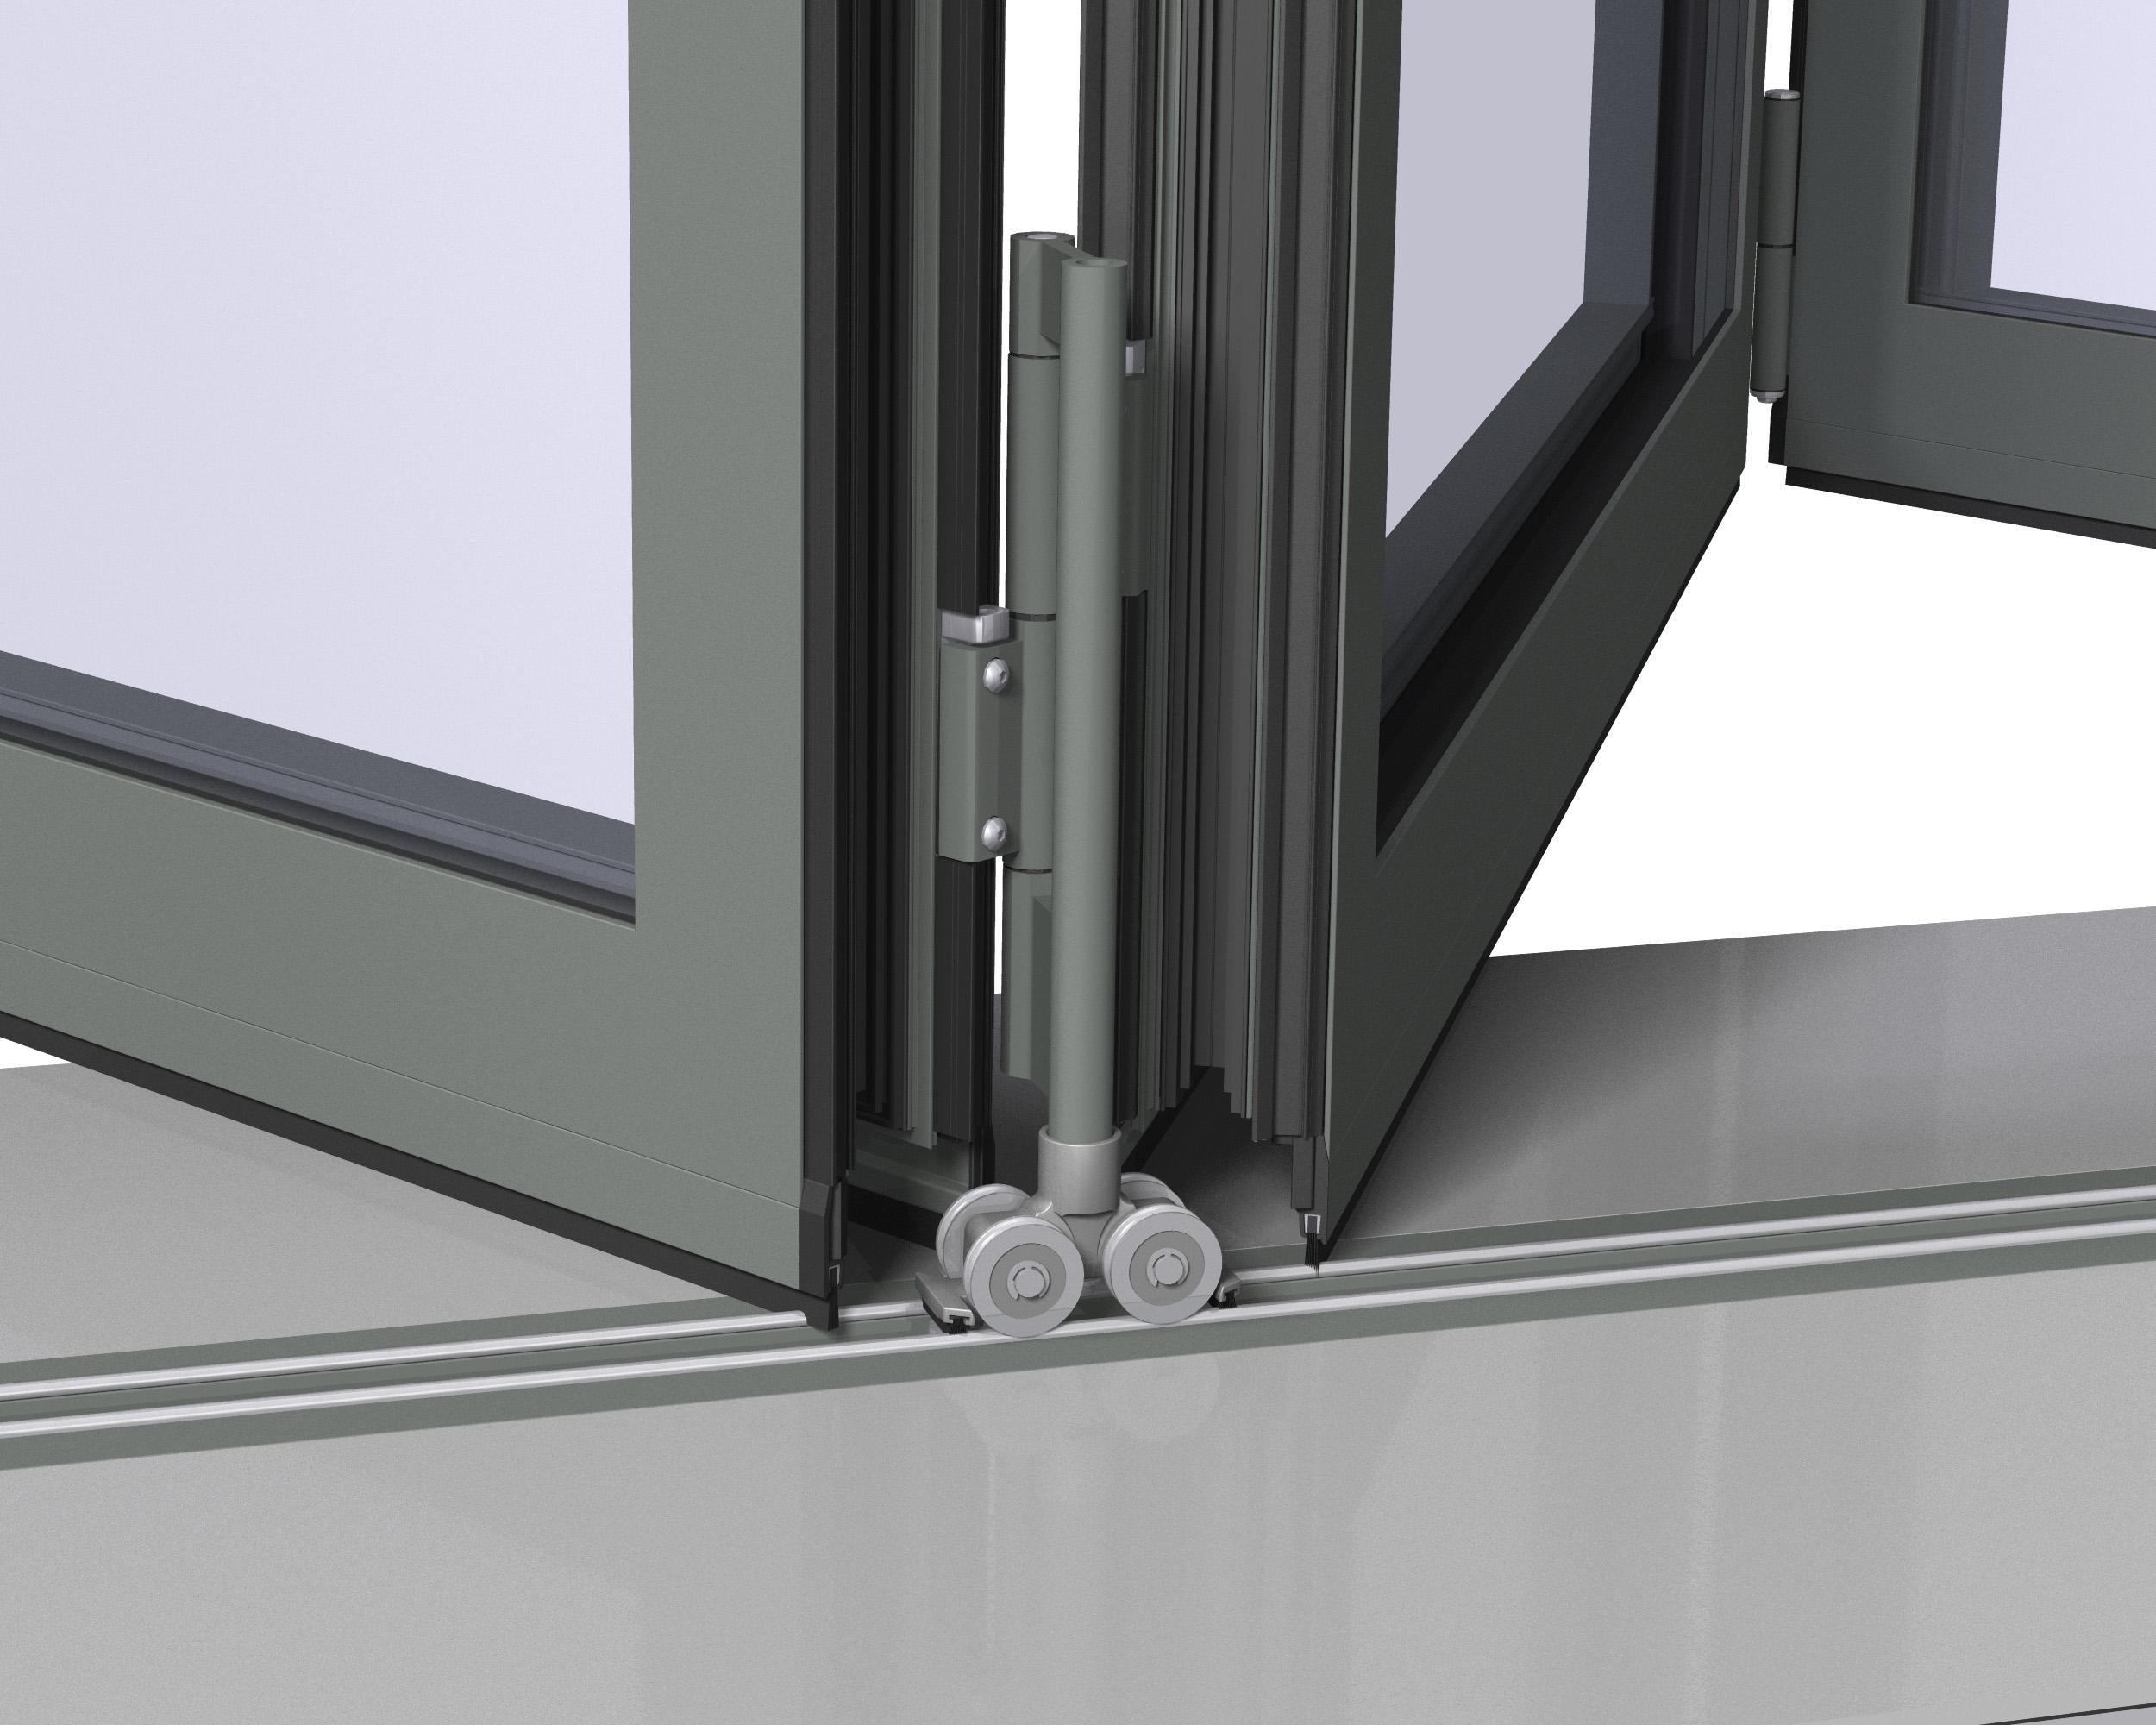 Accordion Doors Uk Gallery - doors design modern